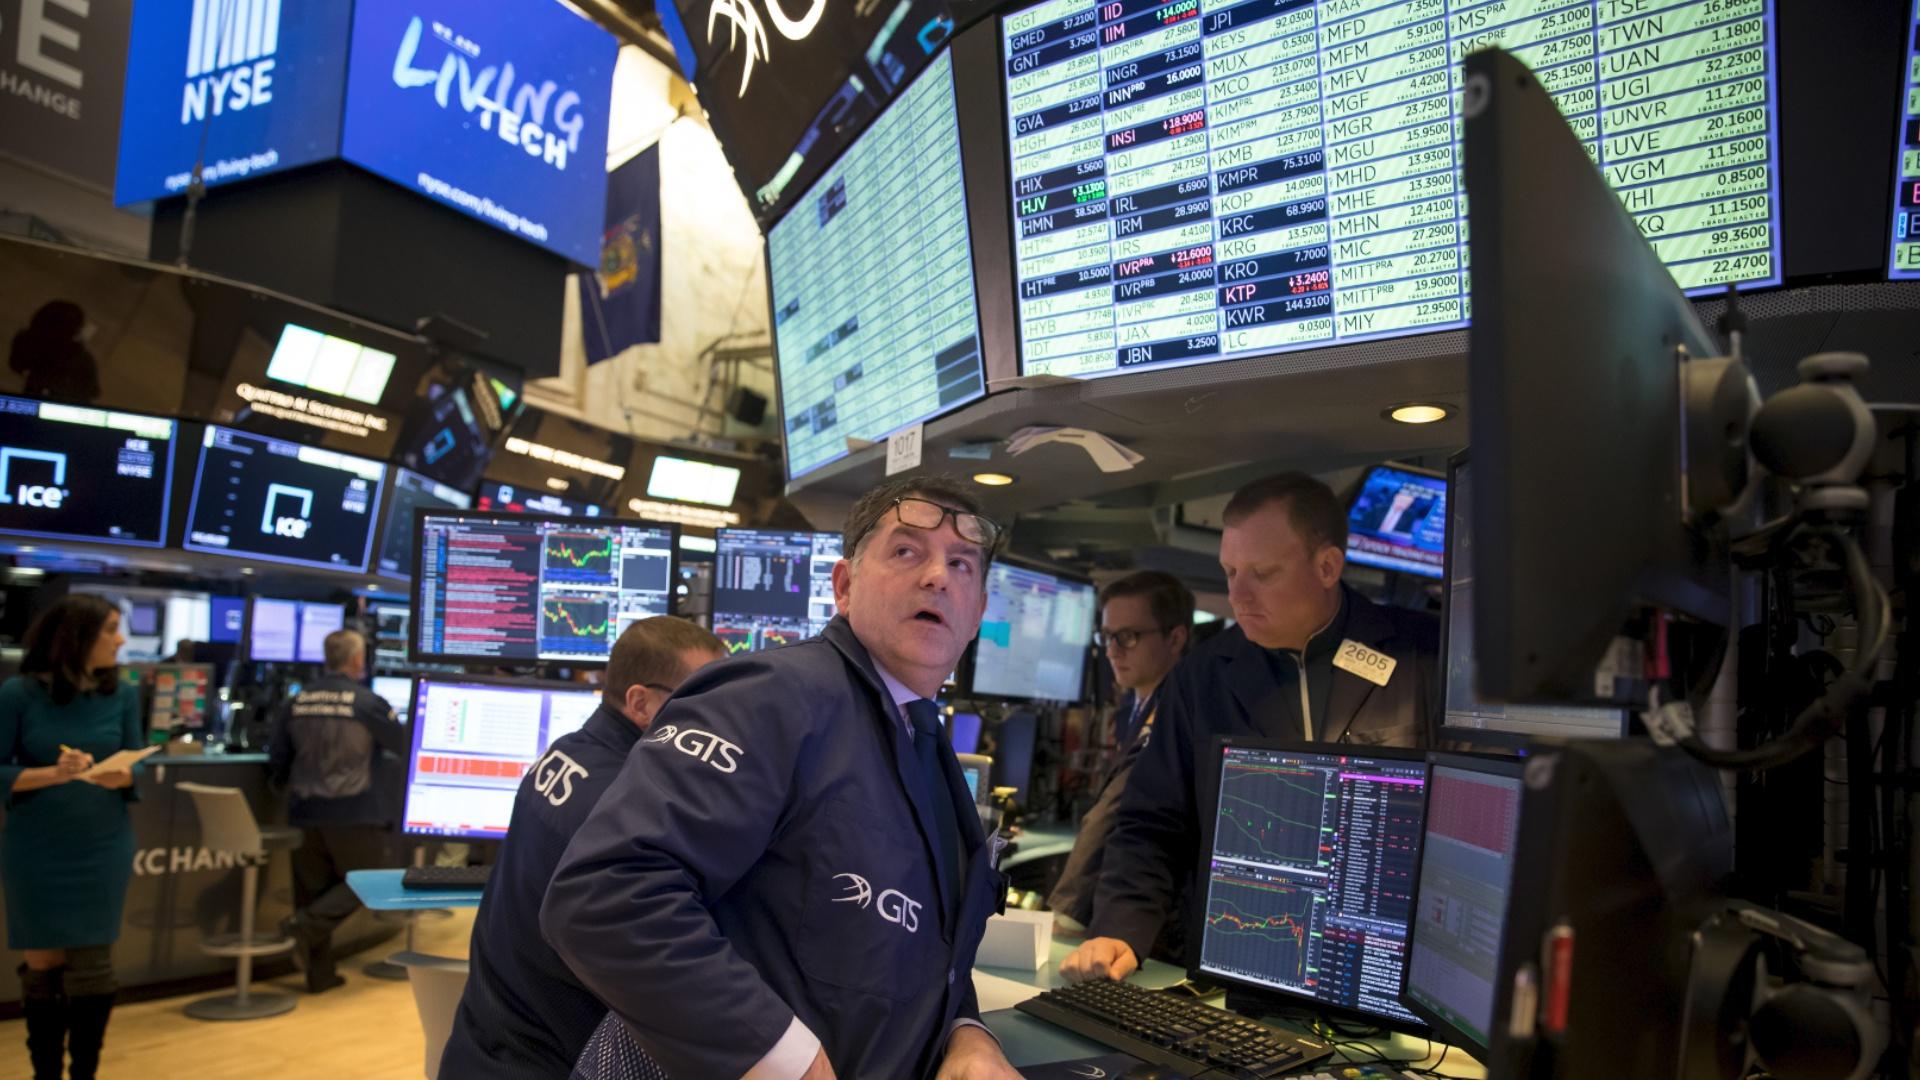 全球战疫日记|美交易员预计美股将继续震荡 这波下跌或深不见底